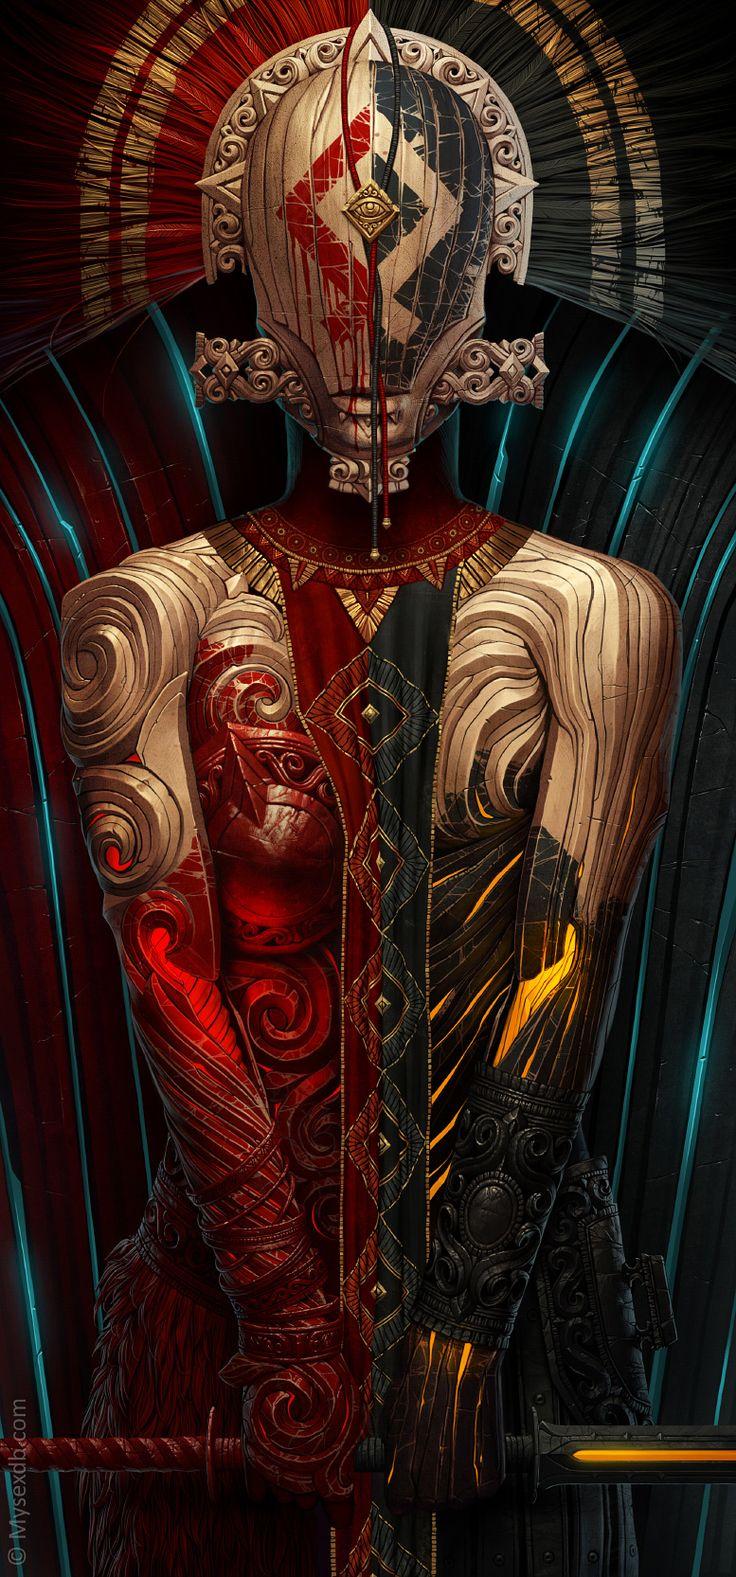 Si vous aimez les univers étranges, vous devriez aimer les personnages de Alexander Fedosov. Cet artiste Ukrainien de 27 ans dispose d'un style propre. Les vêtements ou armures font en général partie intégrante du personnage. Pour en voir davantage, visitez son DeviantArt et son Behance.